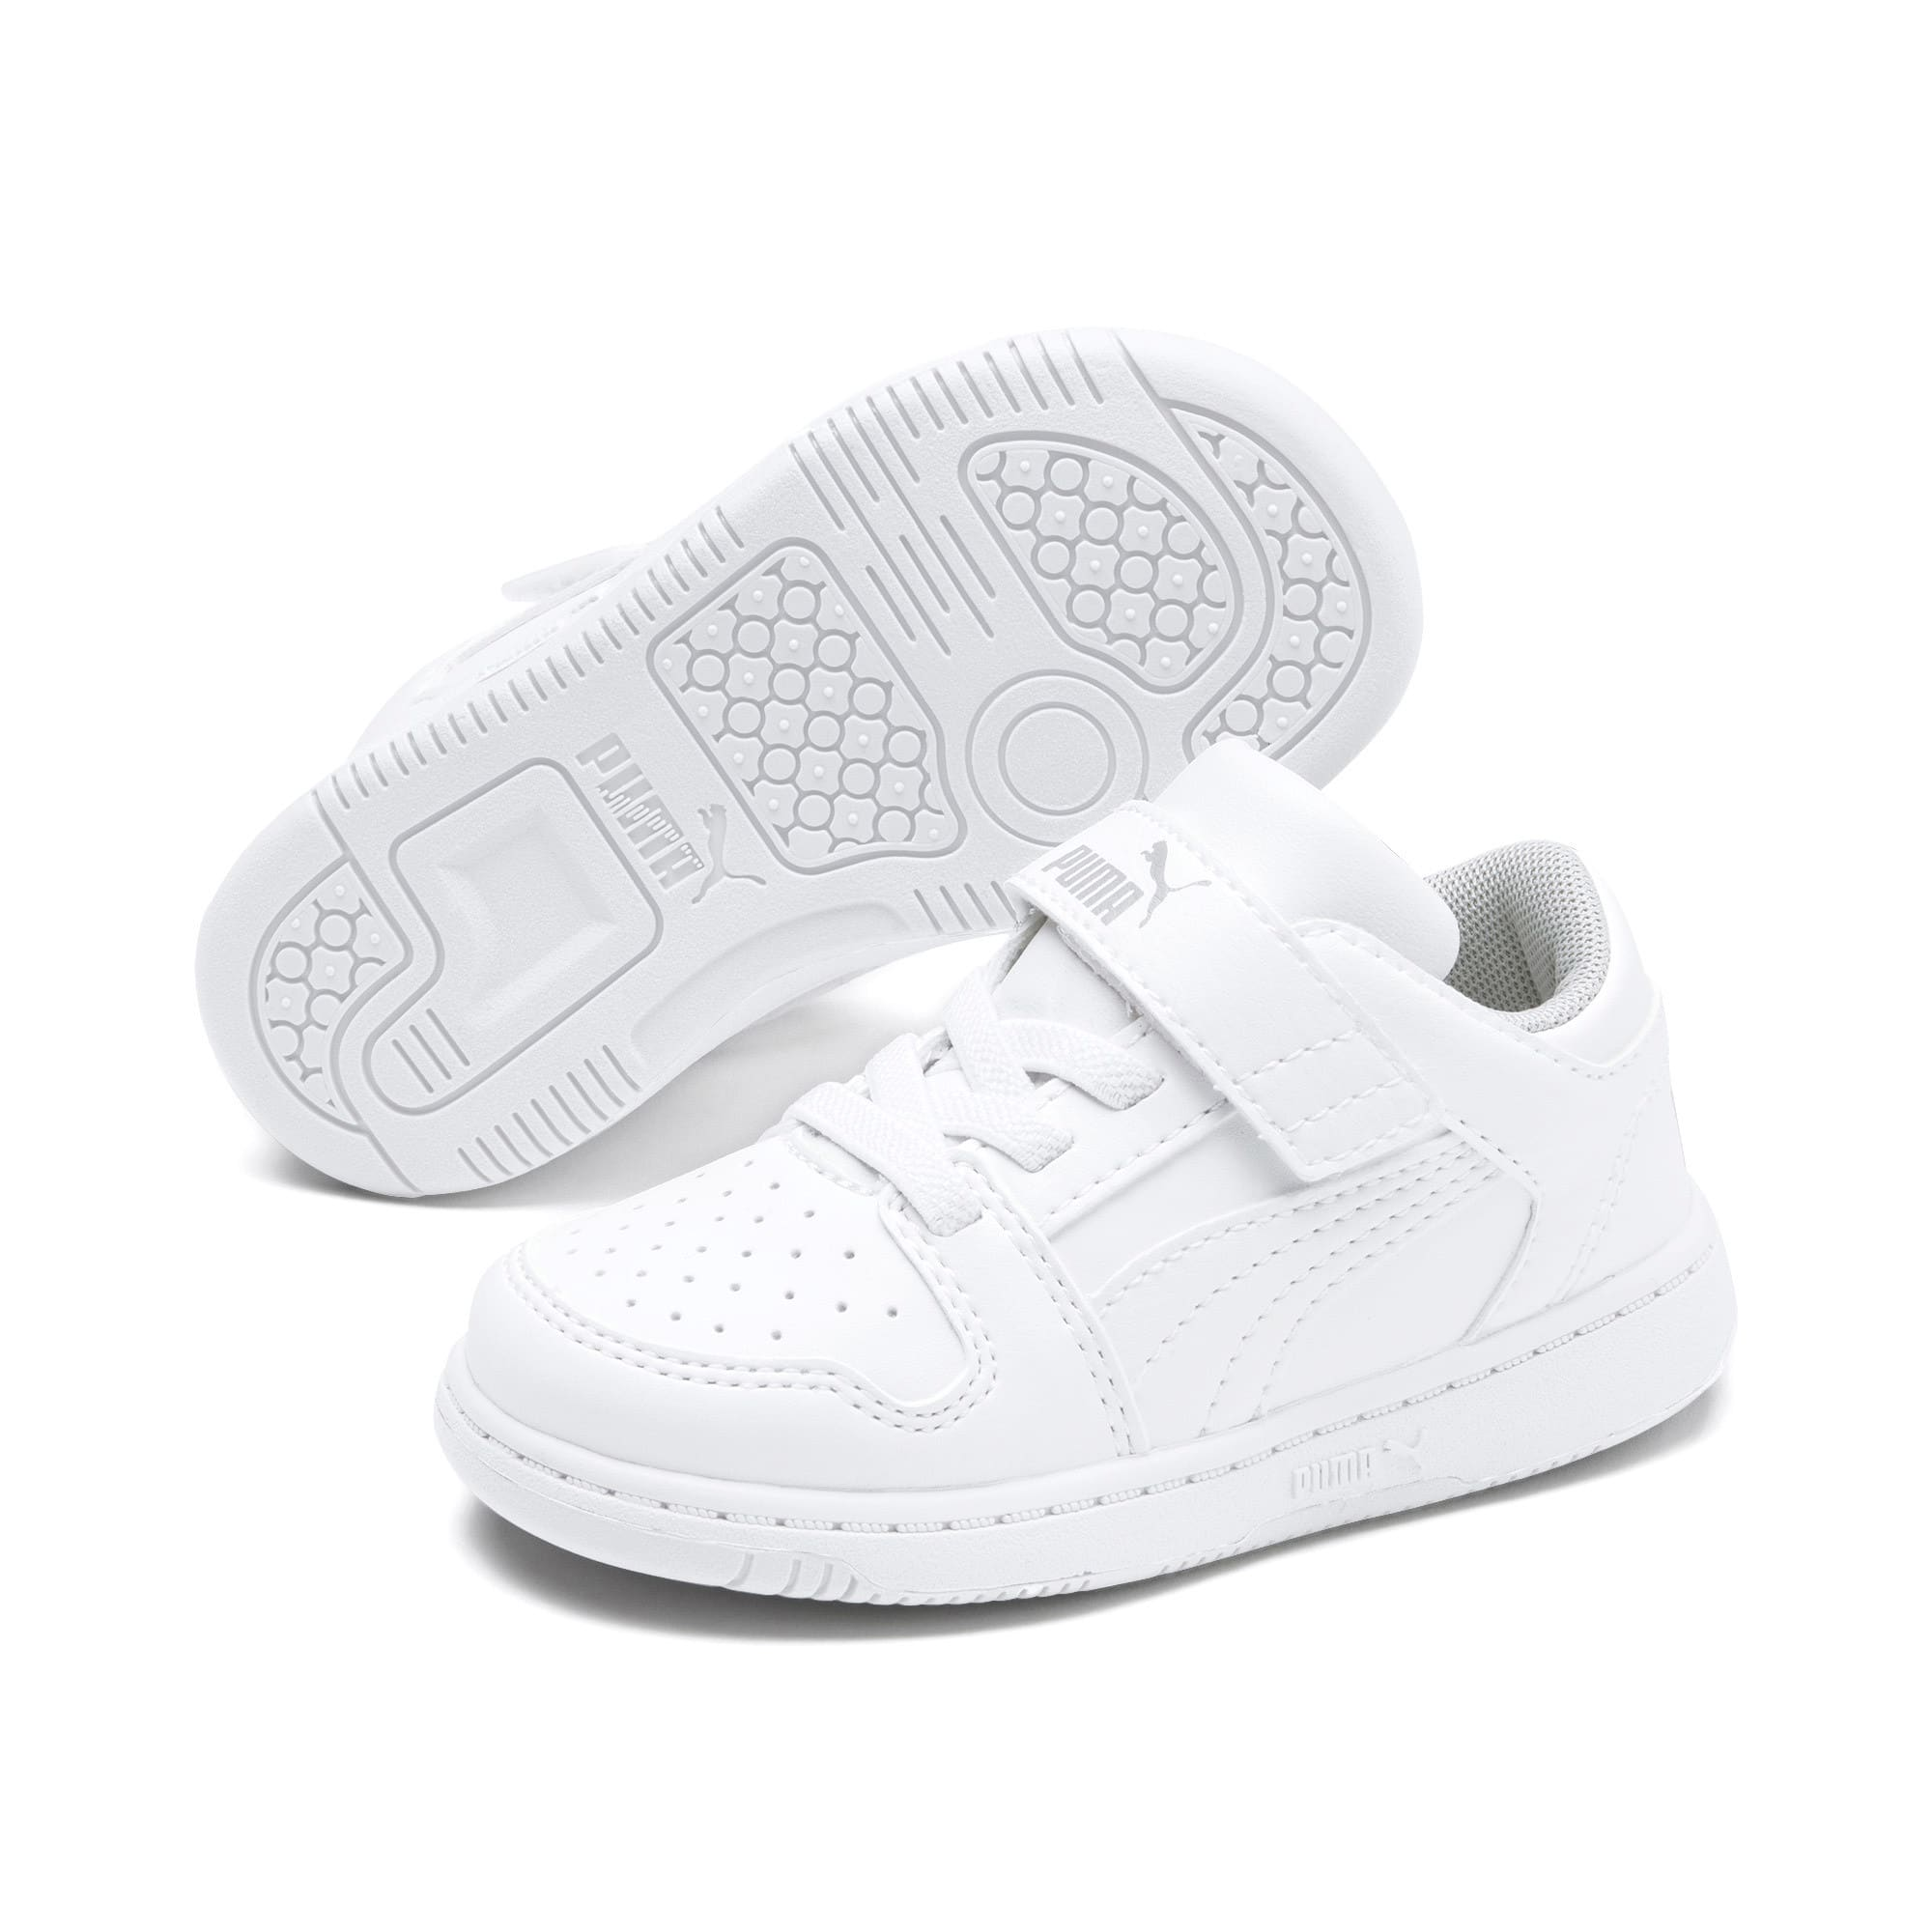 Miniatura 2 de Zapatos deportivos PUMA Rebound LayUp Lo para INF, Puma White-High Rise, mediano